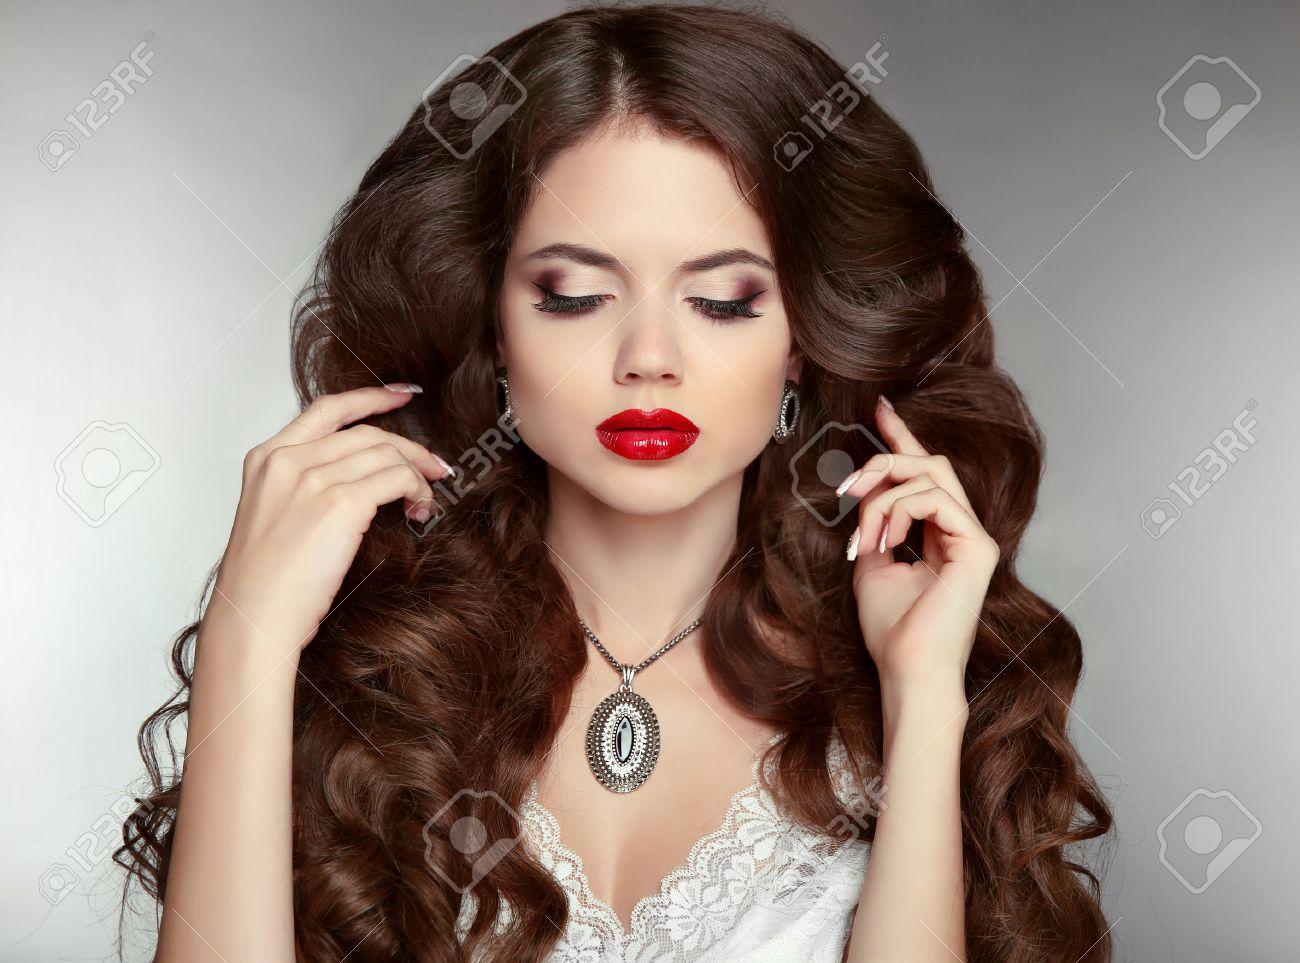 Lange Haare Bilden Schöne Frau Mit Welligen Frisur Und Abend Make